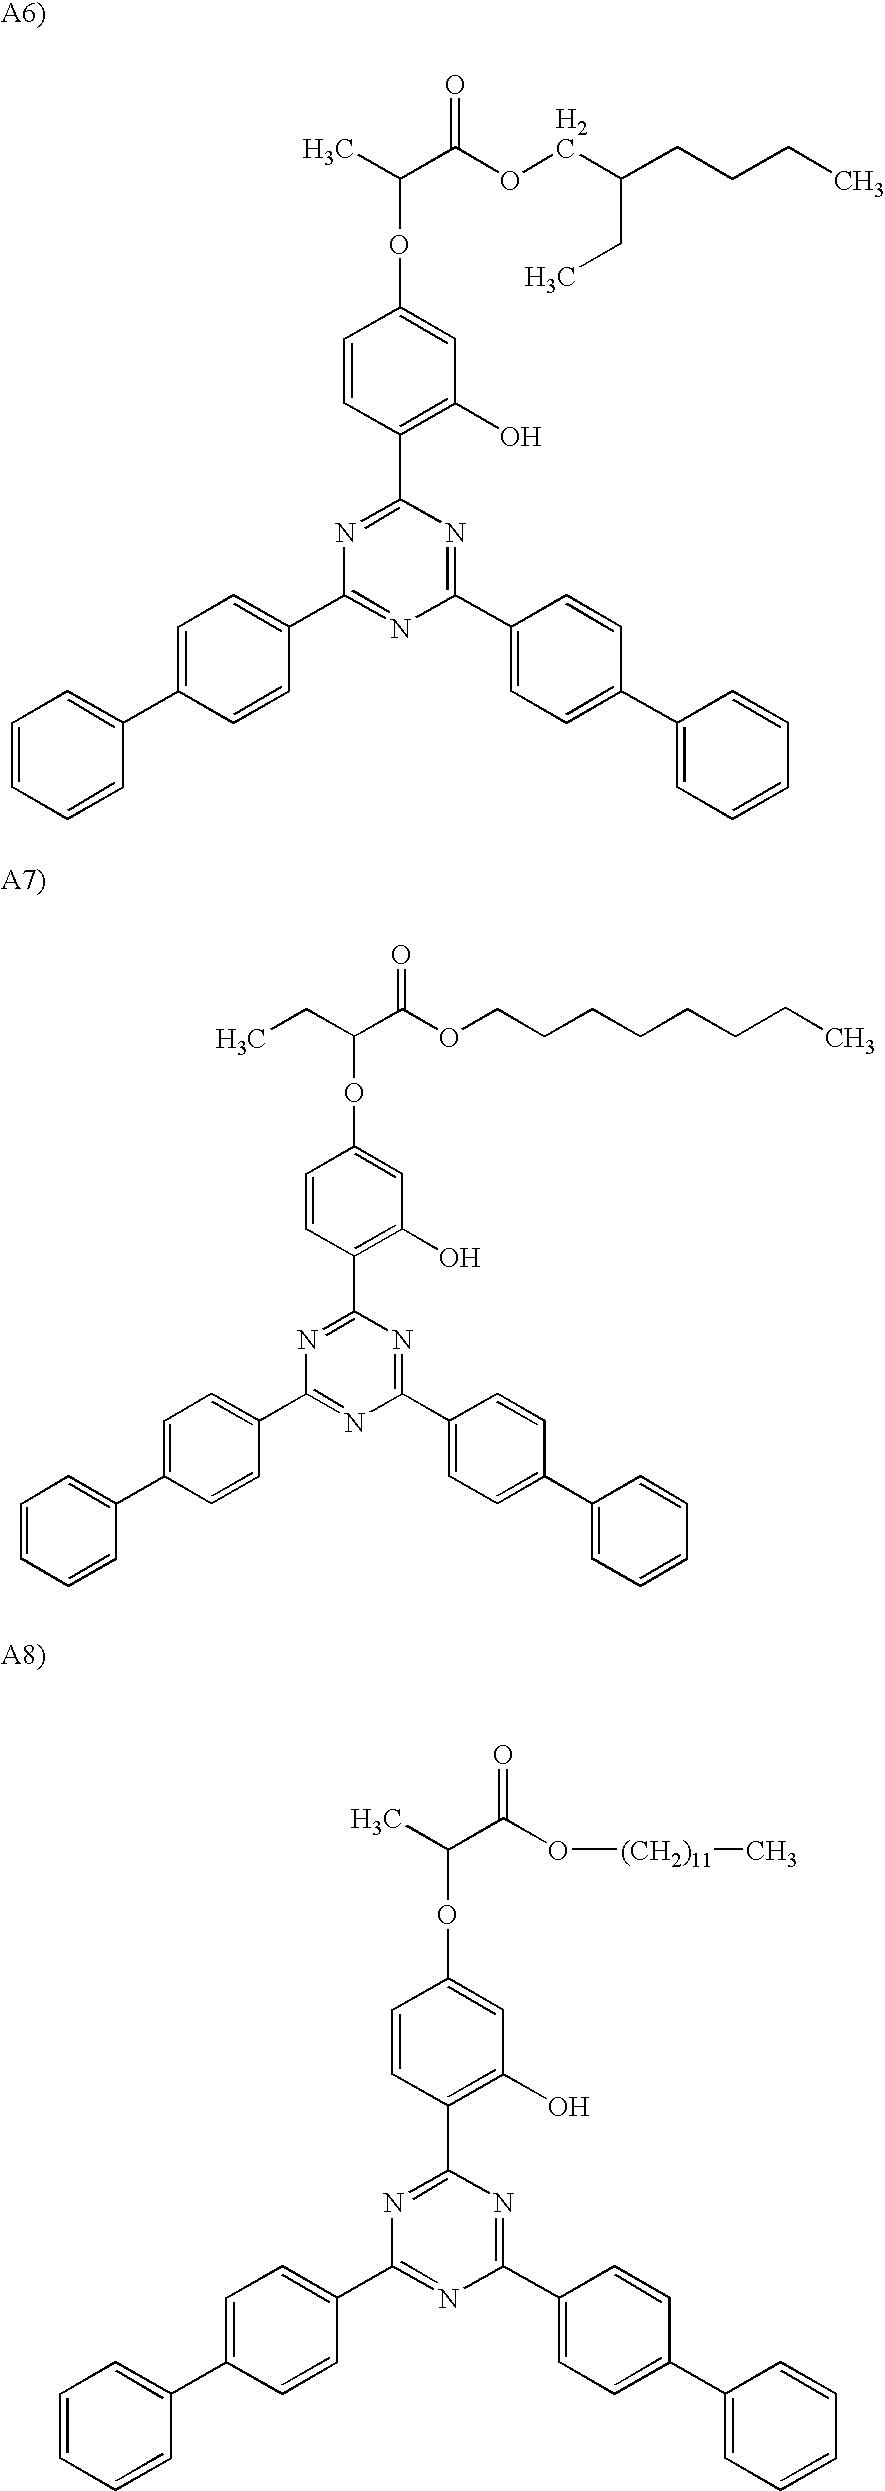 Figure US20060052491A1-20060309-C00023